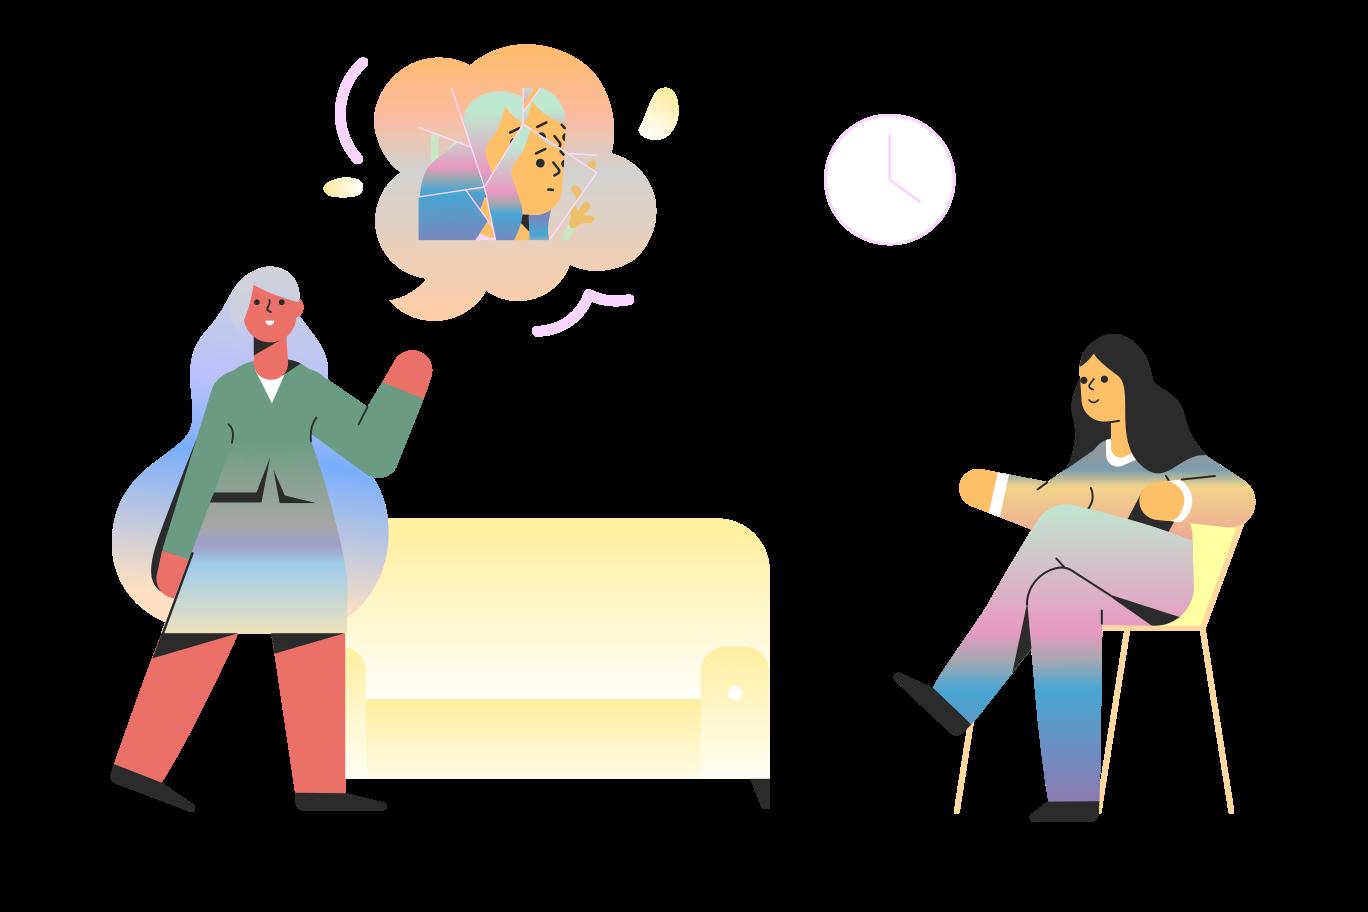 Psychologist session Clipart illustration in PNG, SVG